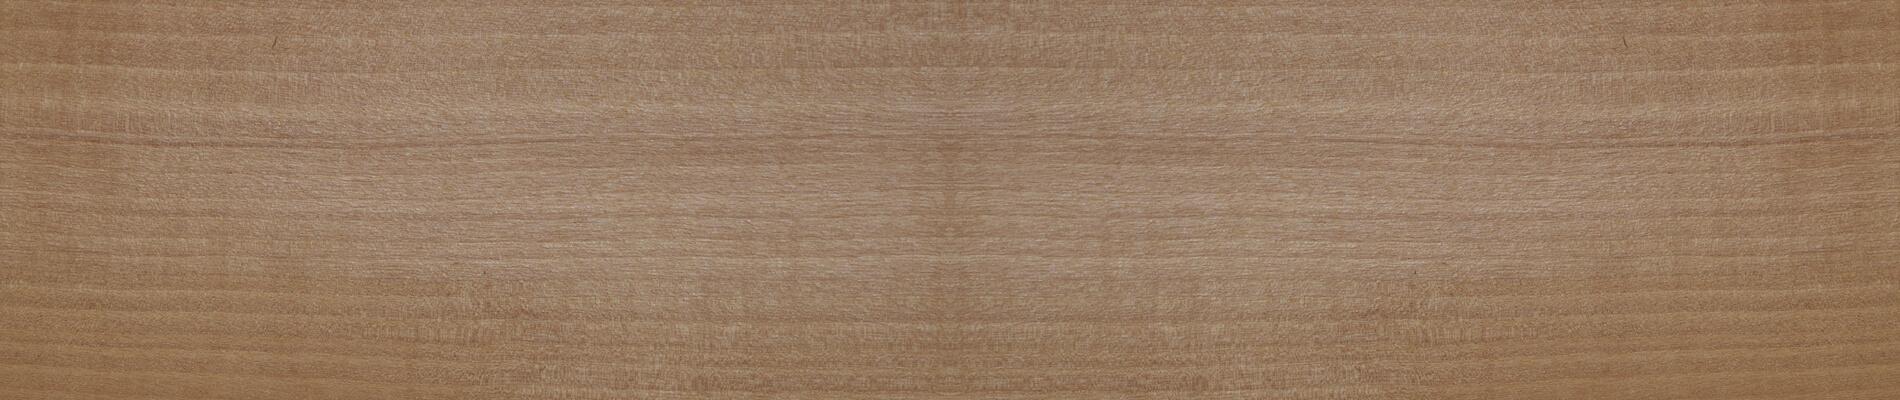 Essence de bois aniegre bois exotiques essarbois for Essence de bois exotique